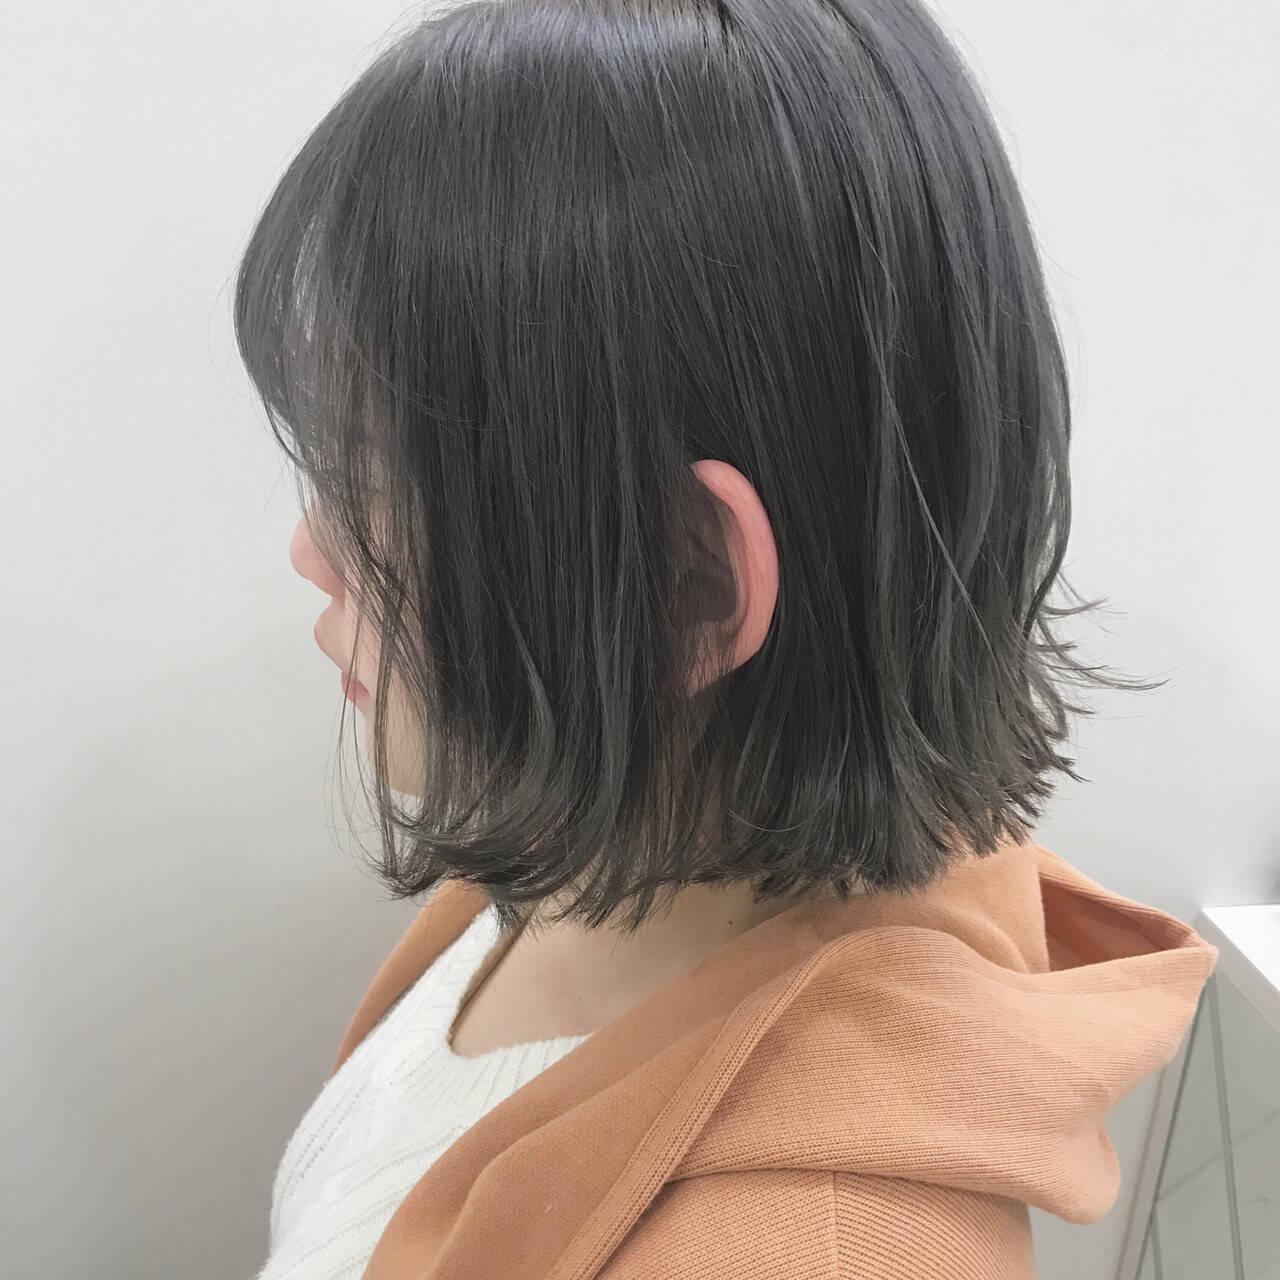 アッシュグレー アッシュ ホワイトグレージュ アッシュグレージュヘアスタイルや髪型の写真・画像